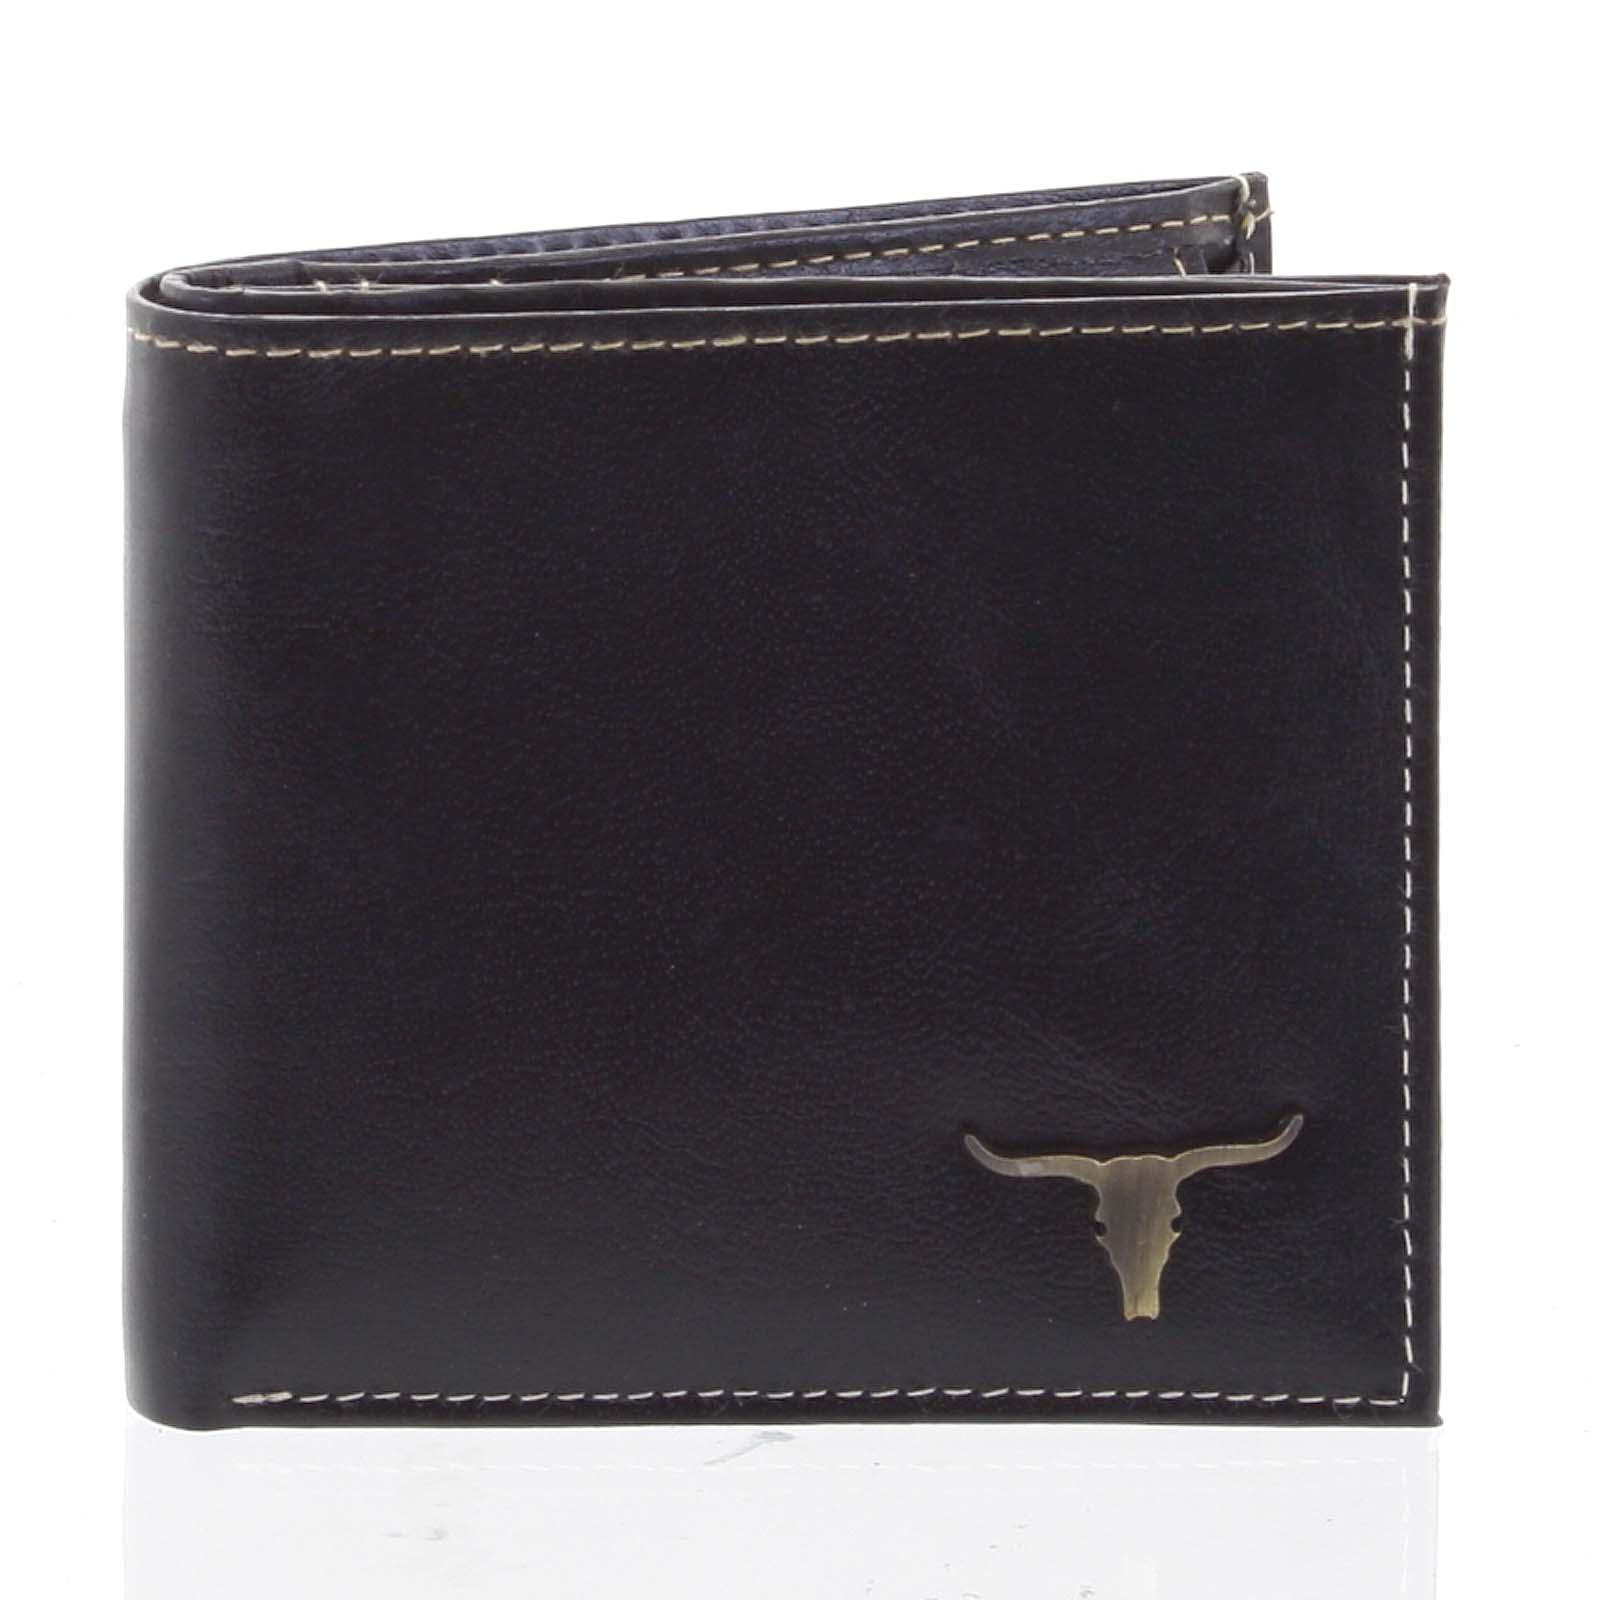 Pánska kožená peňaženka čierna - BUFFALO Philip čierna